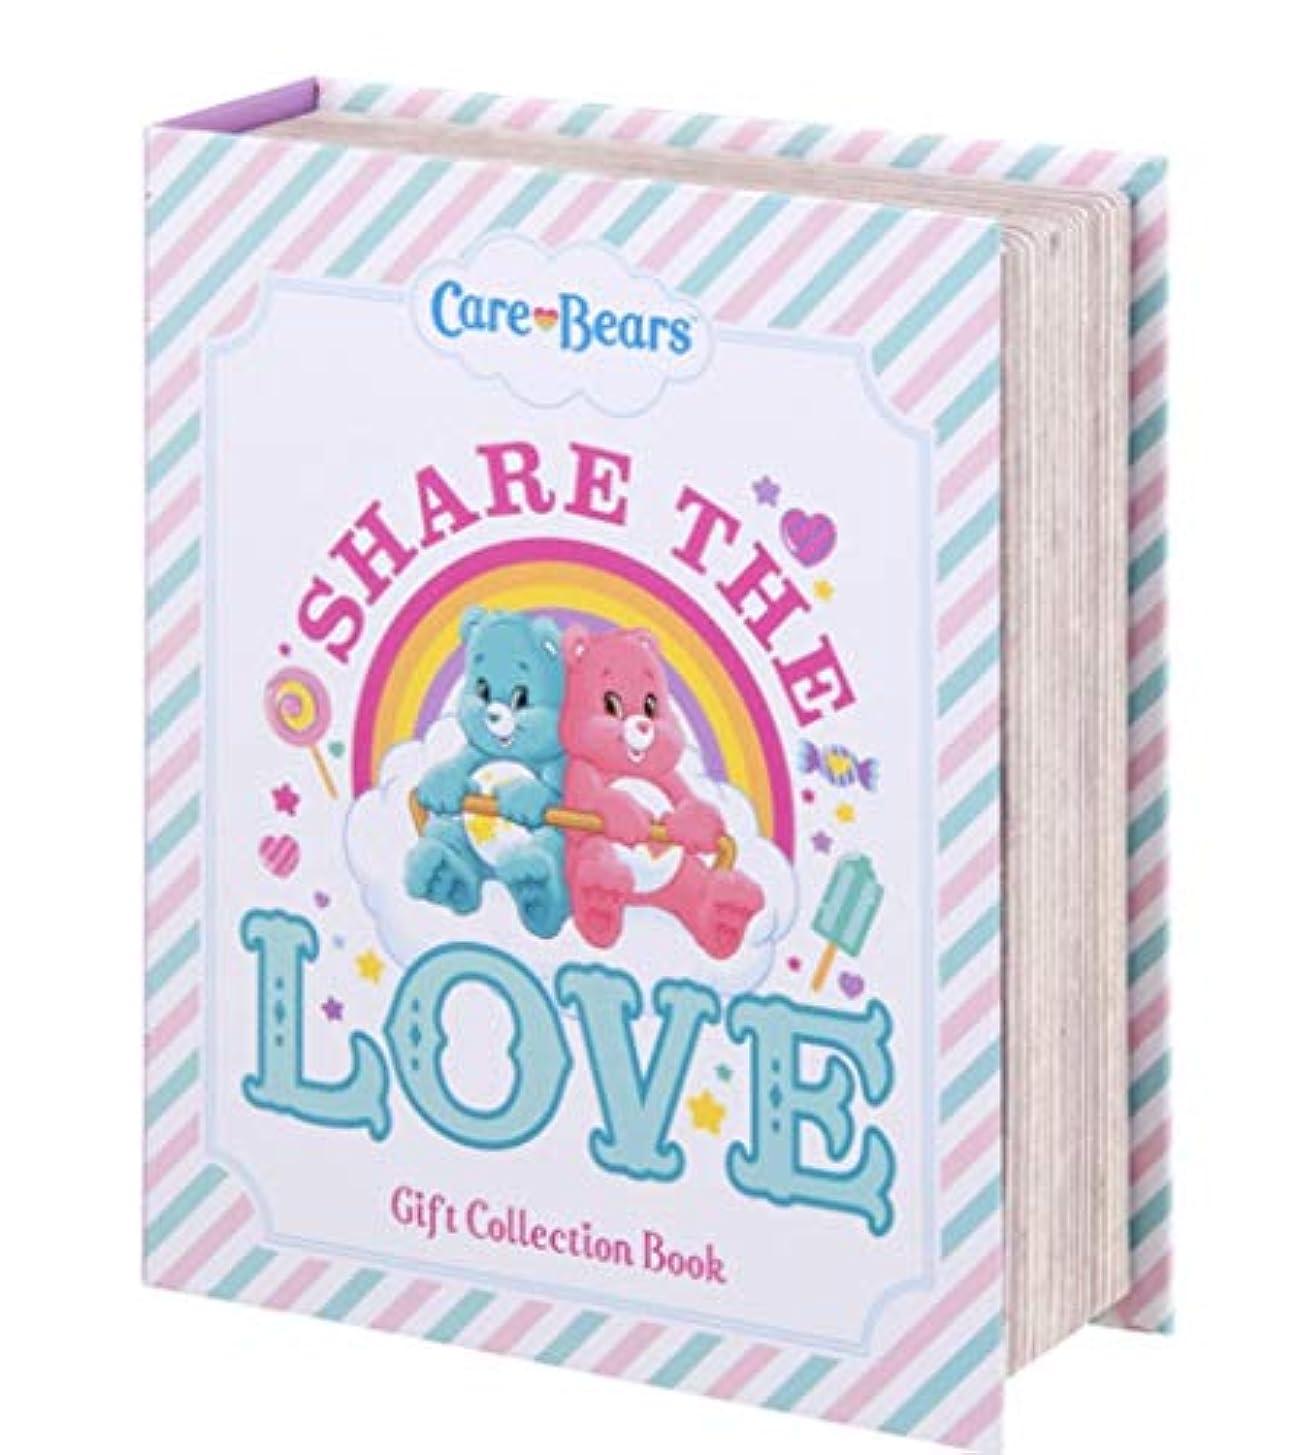 知恵必要条件バスタブケアベア Care Bears ボディケア ギフトコレクションブック Gift Collection Book Body Care Coffret